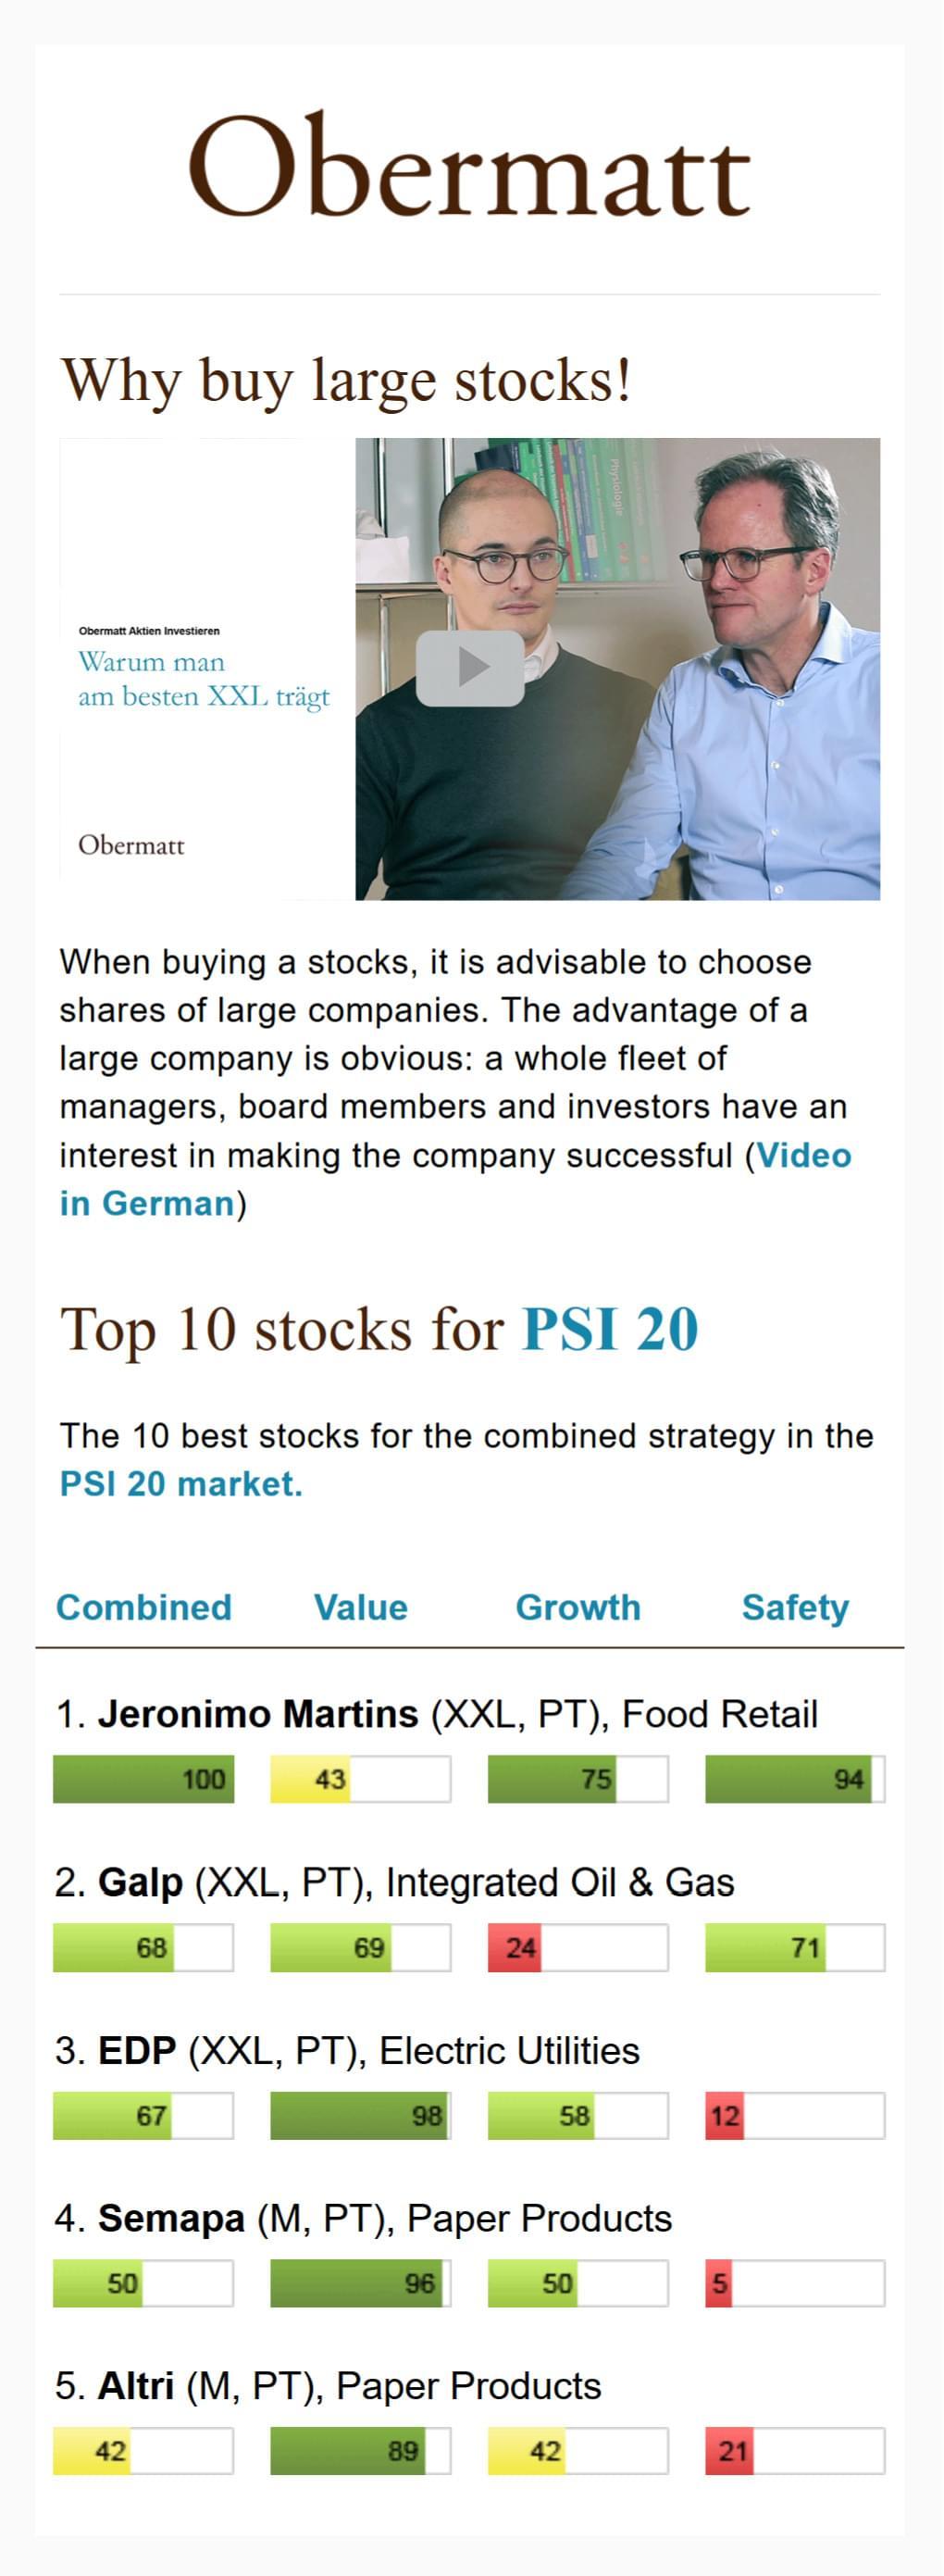 Sample Obermatt Top 10 Stock Alert